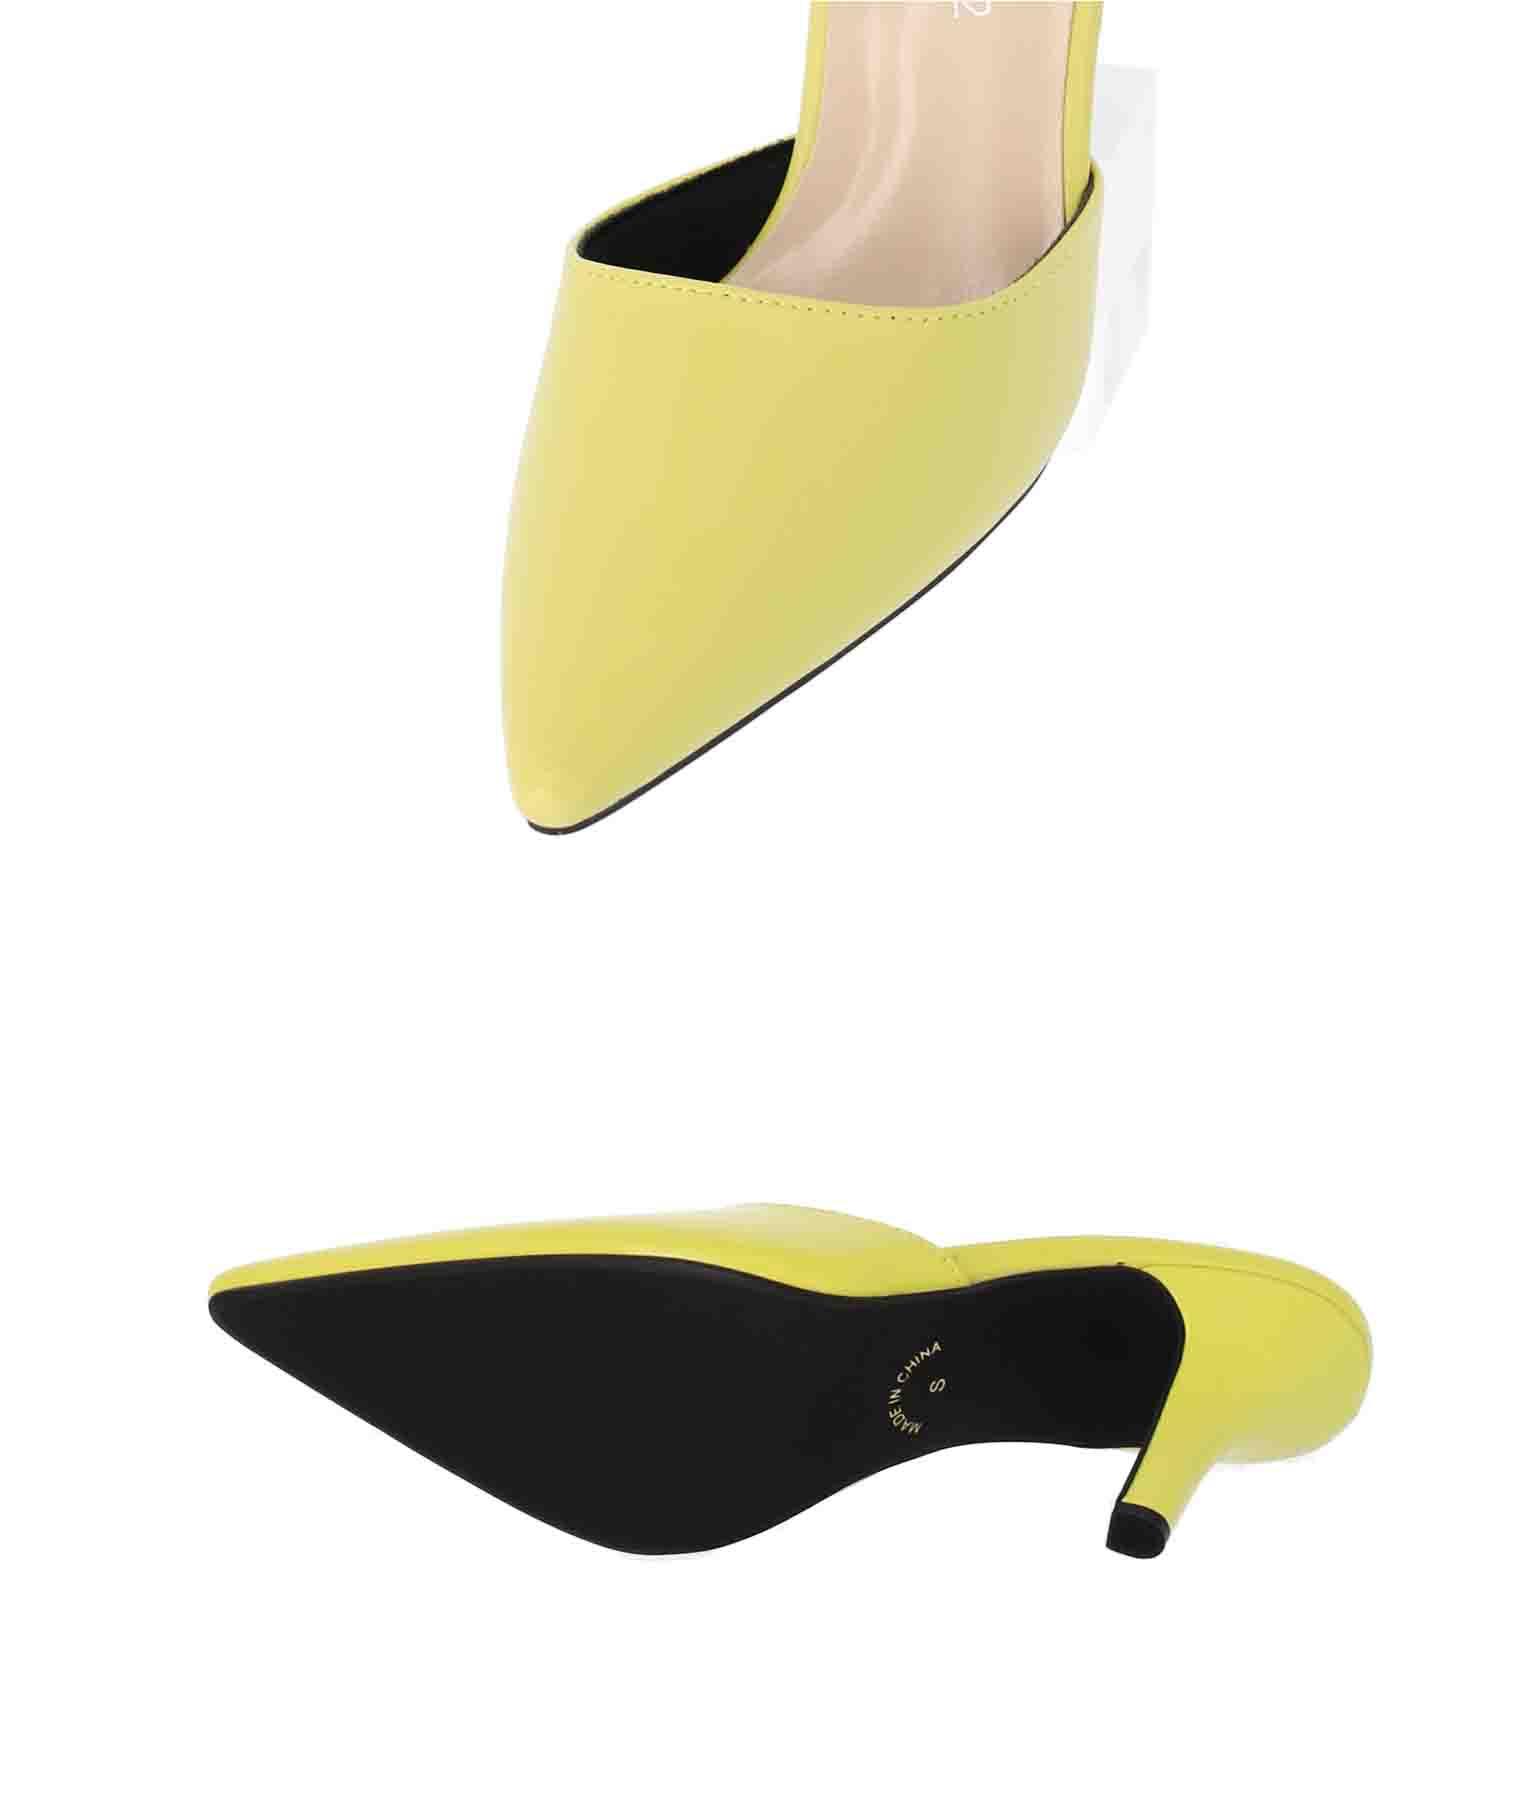 シンプルミュール(シューズ・靴/パンプス) | ANAP